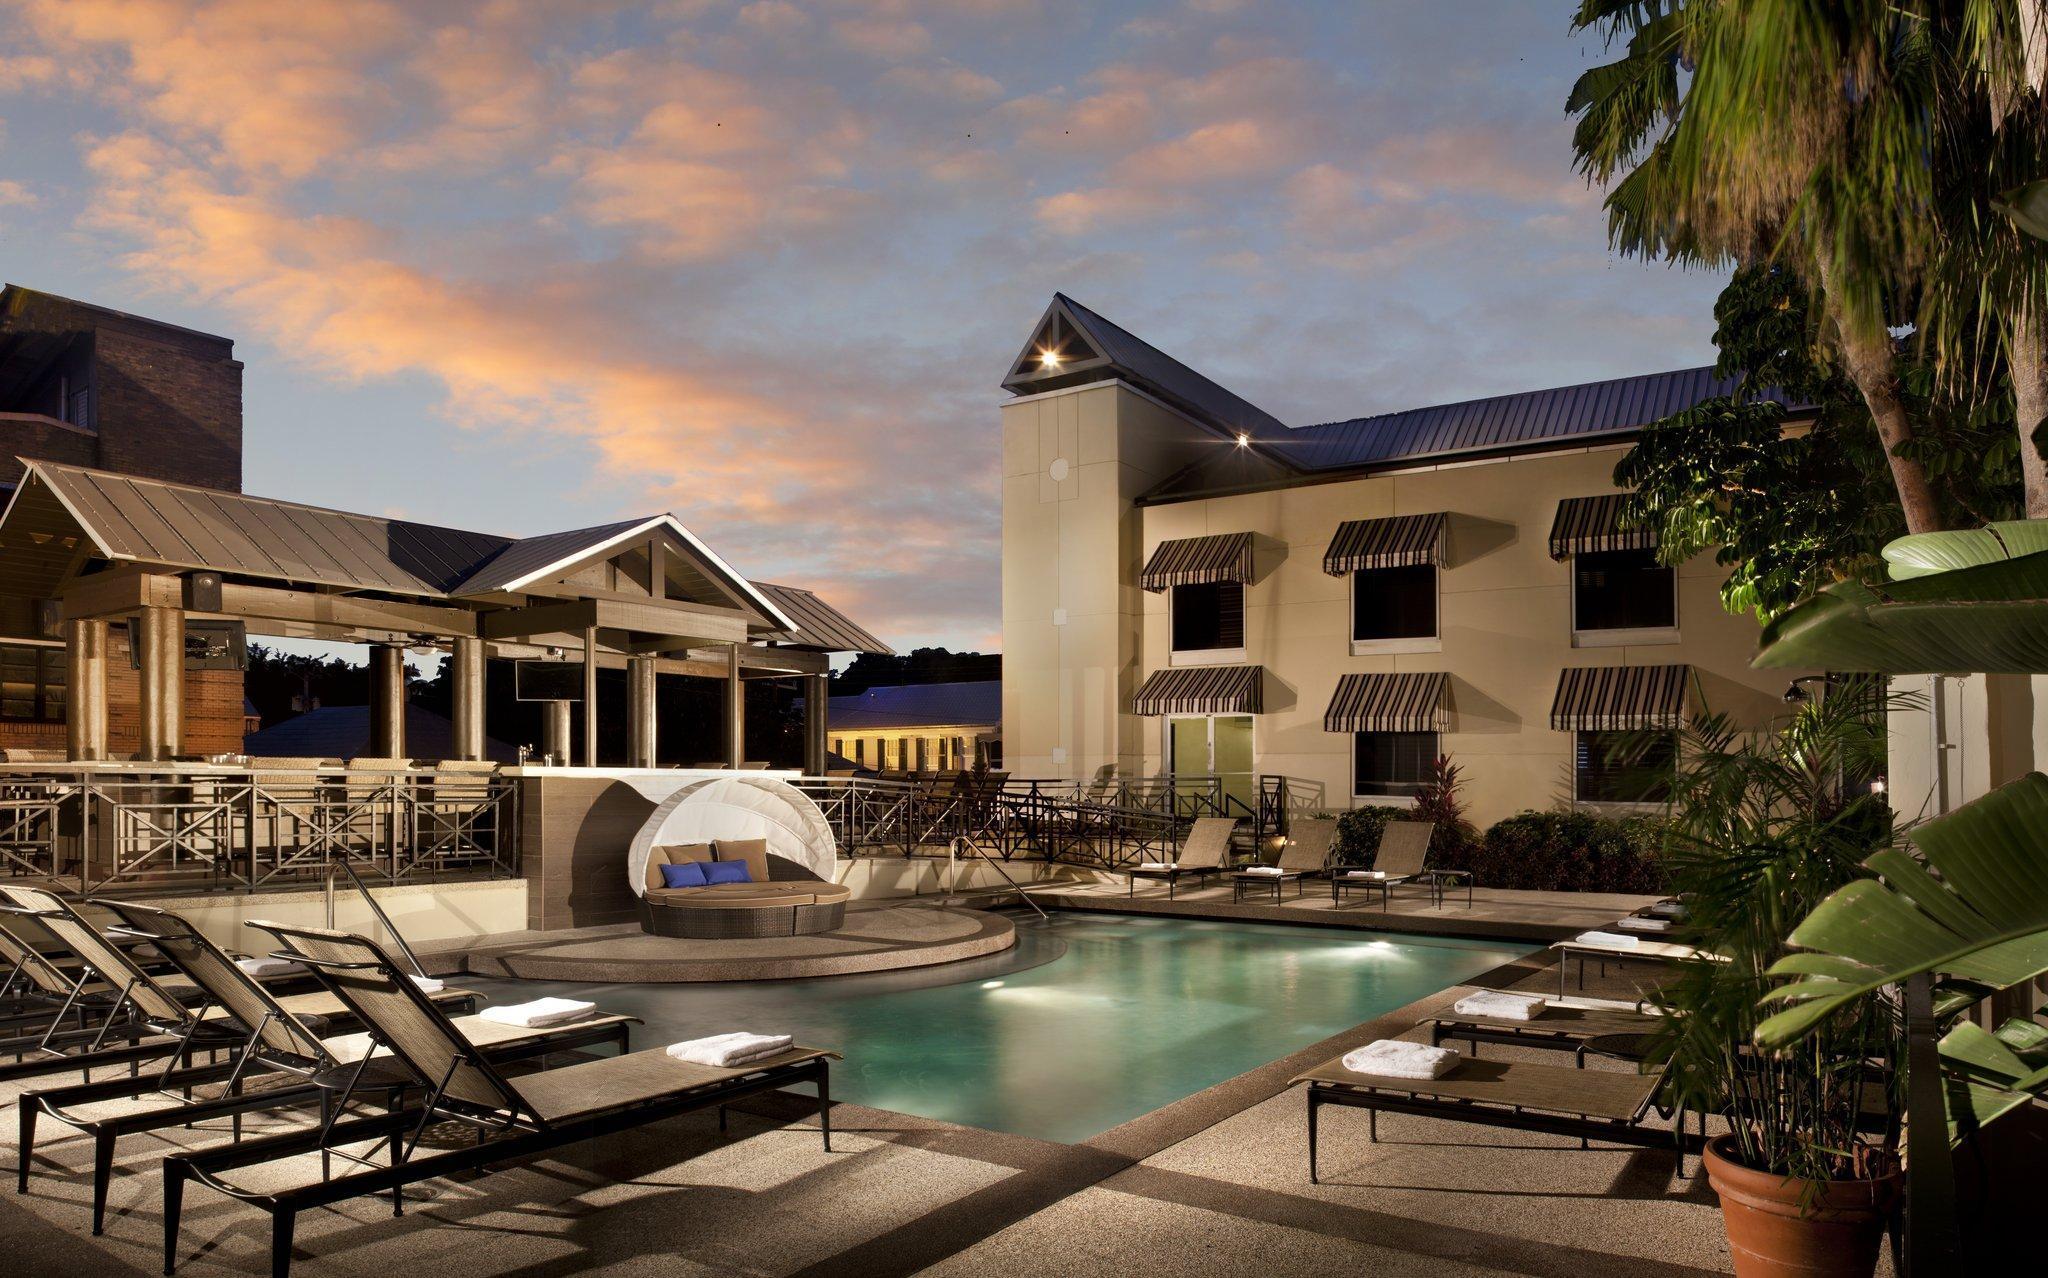 La Concha Hotel And Spa